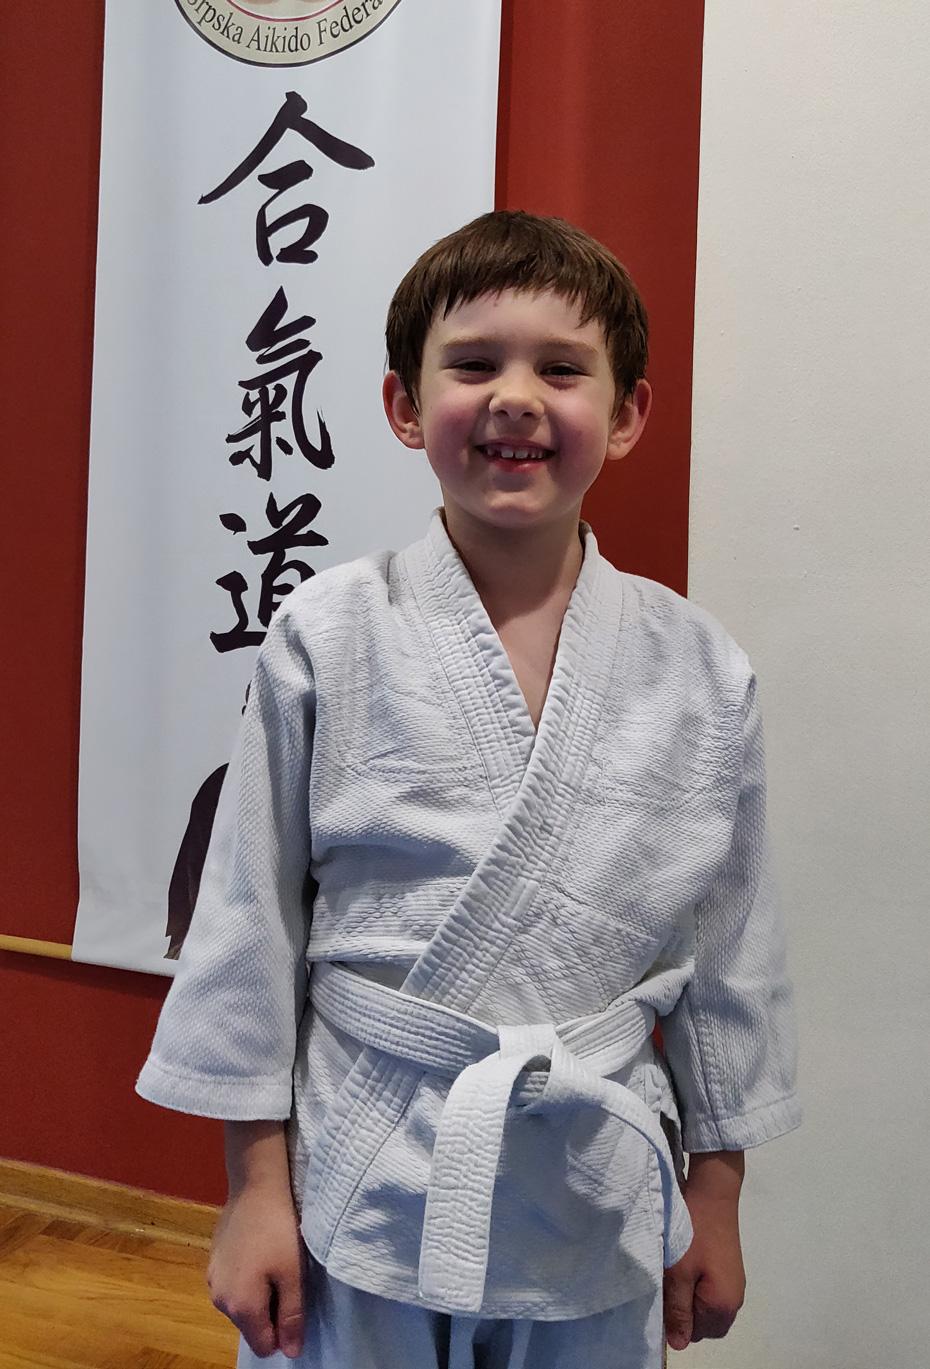 Mladi Aikidoka na treningu